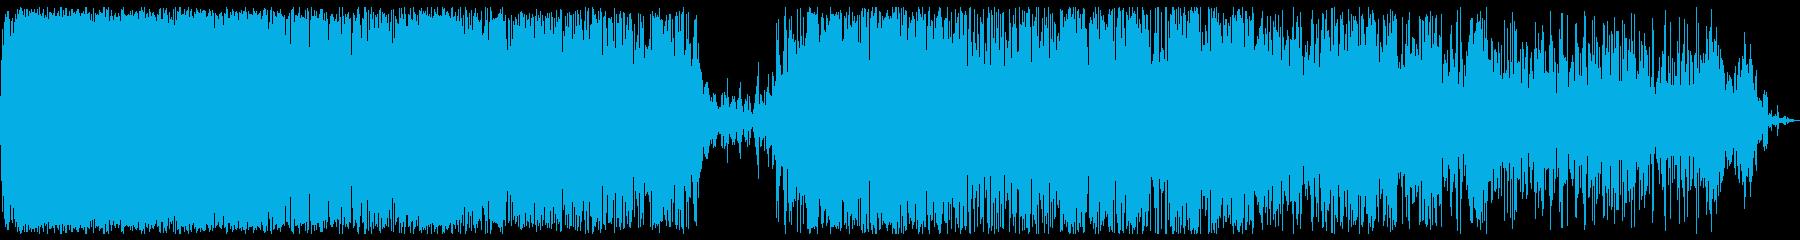 ジュワワワ(何かを高温で炒めるような音)の再生済みの波形